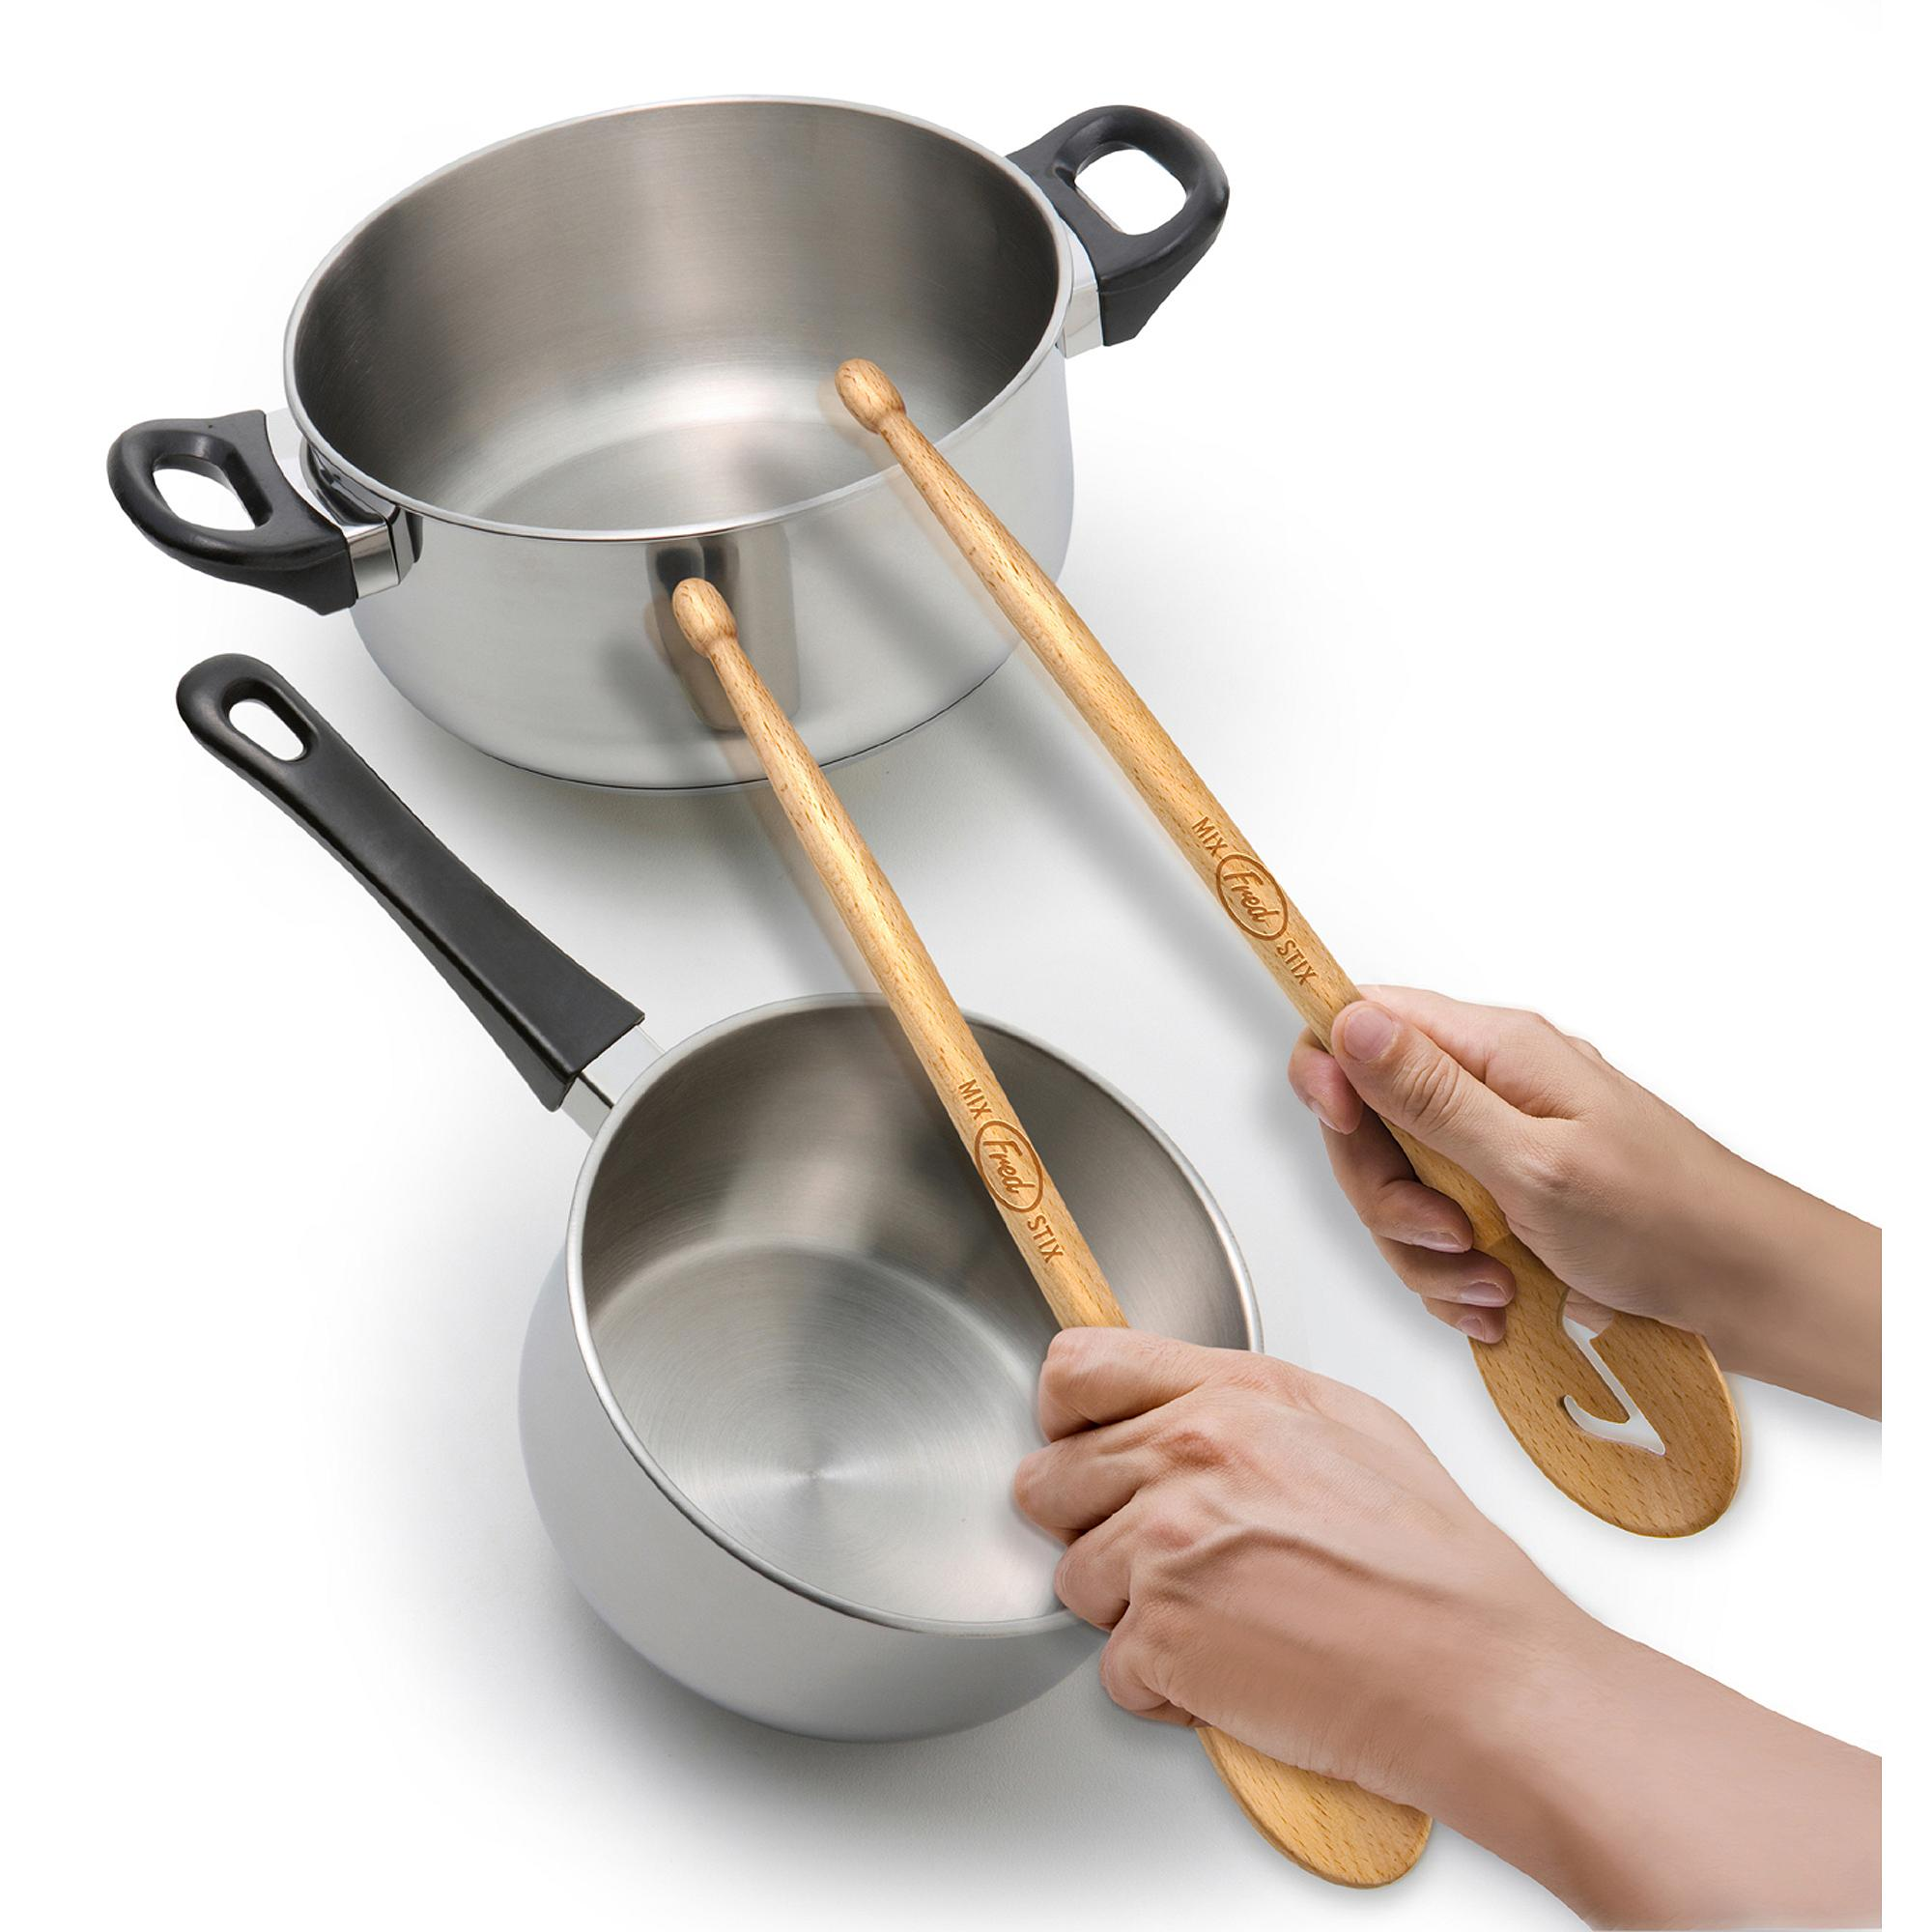 17 utensilios de cocina para hacerla mas divertida for Utensilios para cocina